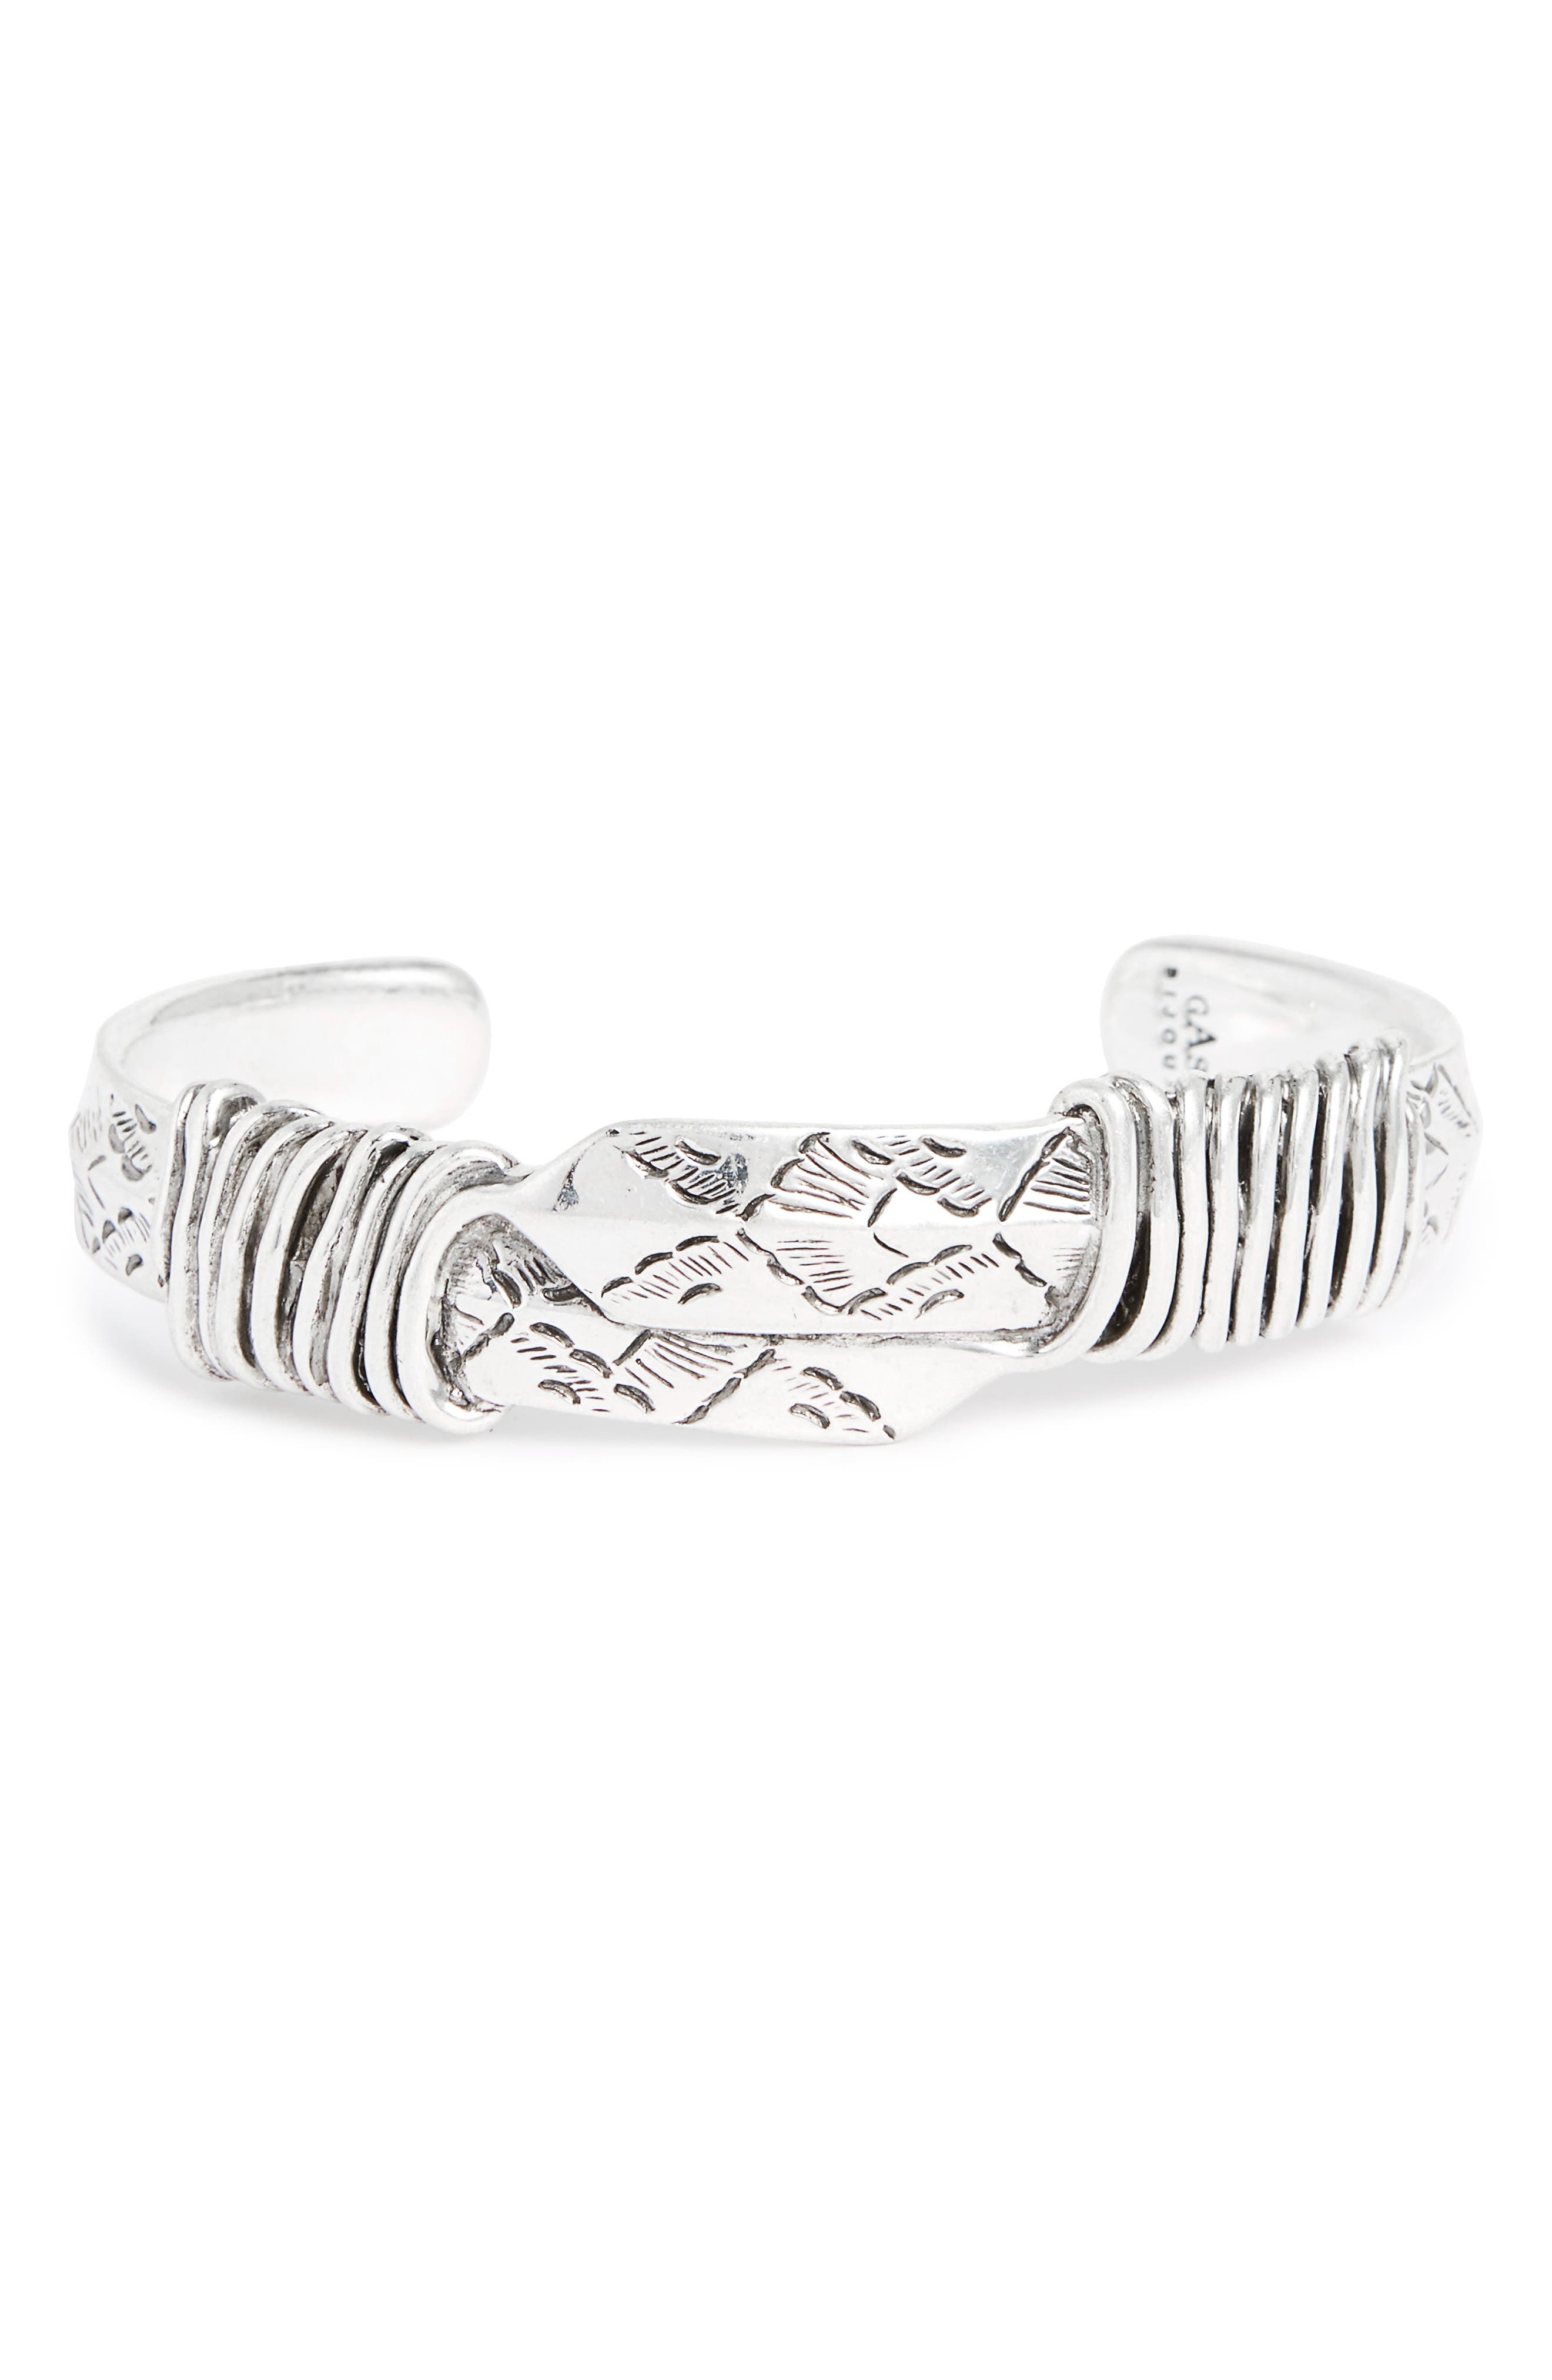 Arrow Cuff Bracelet,                         Main,                         color, Silver